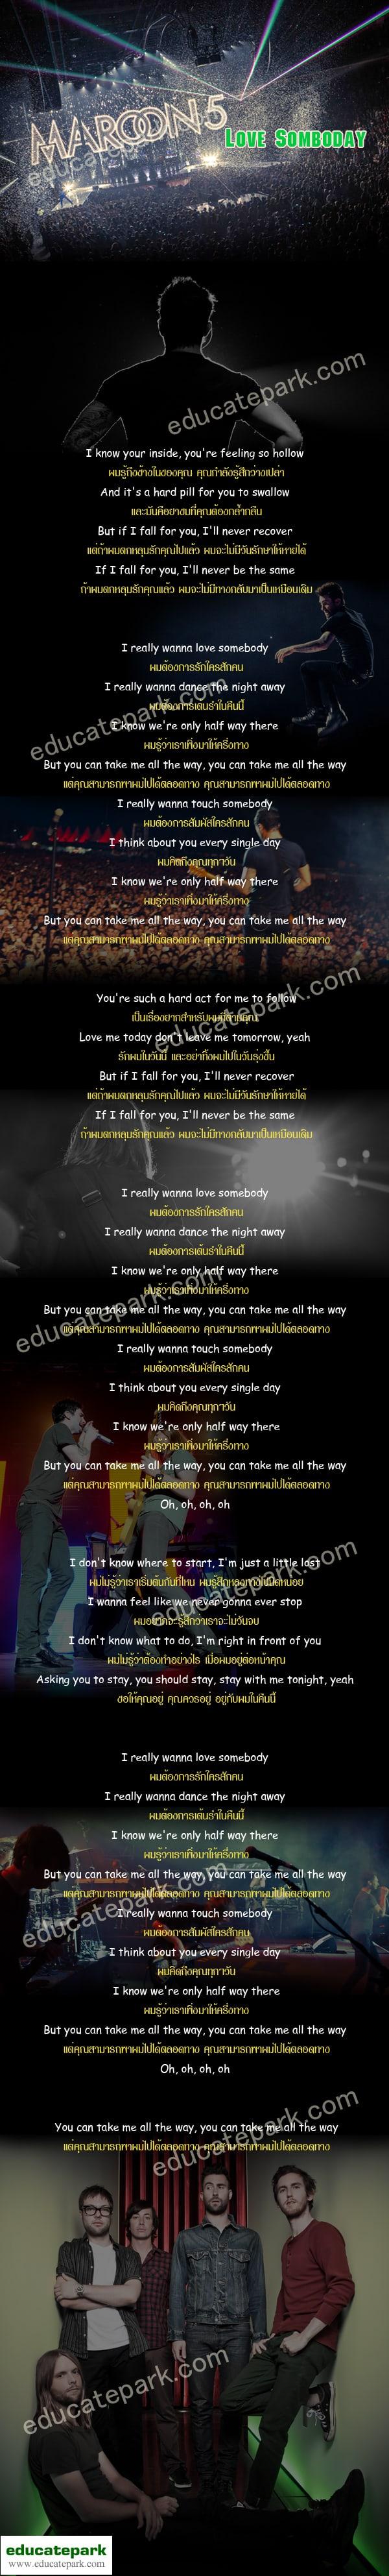 แปลเพลง Love Somebody - Maroon 5